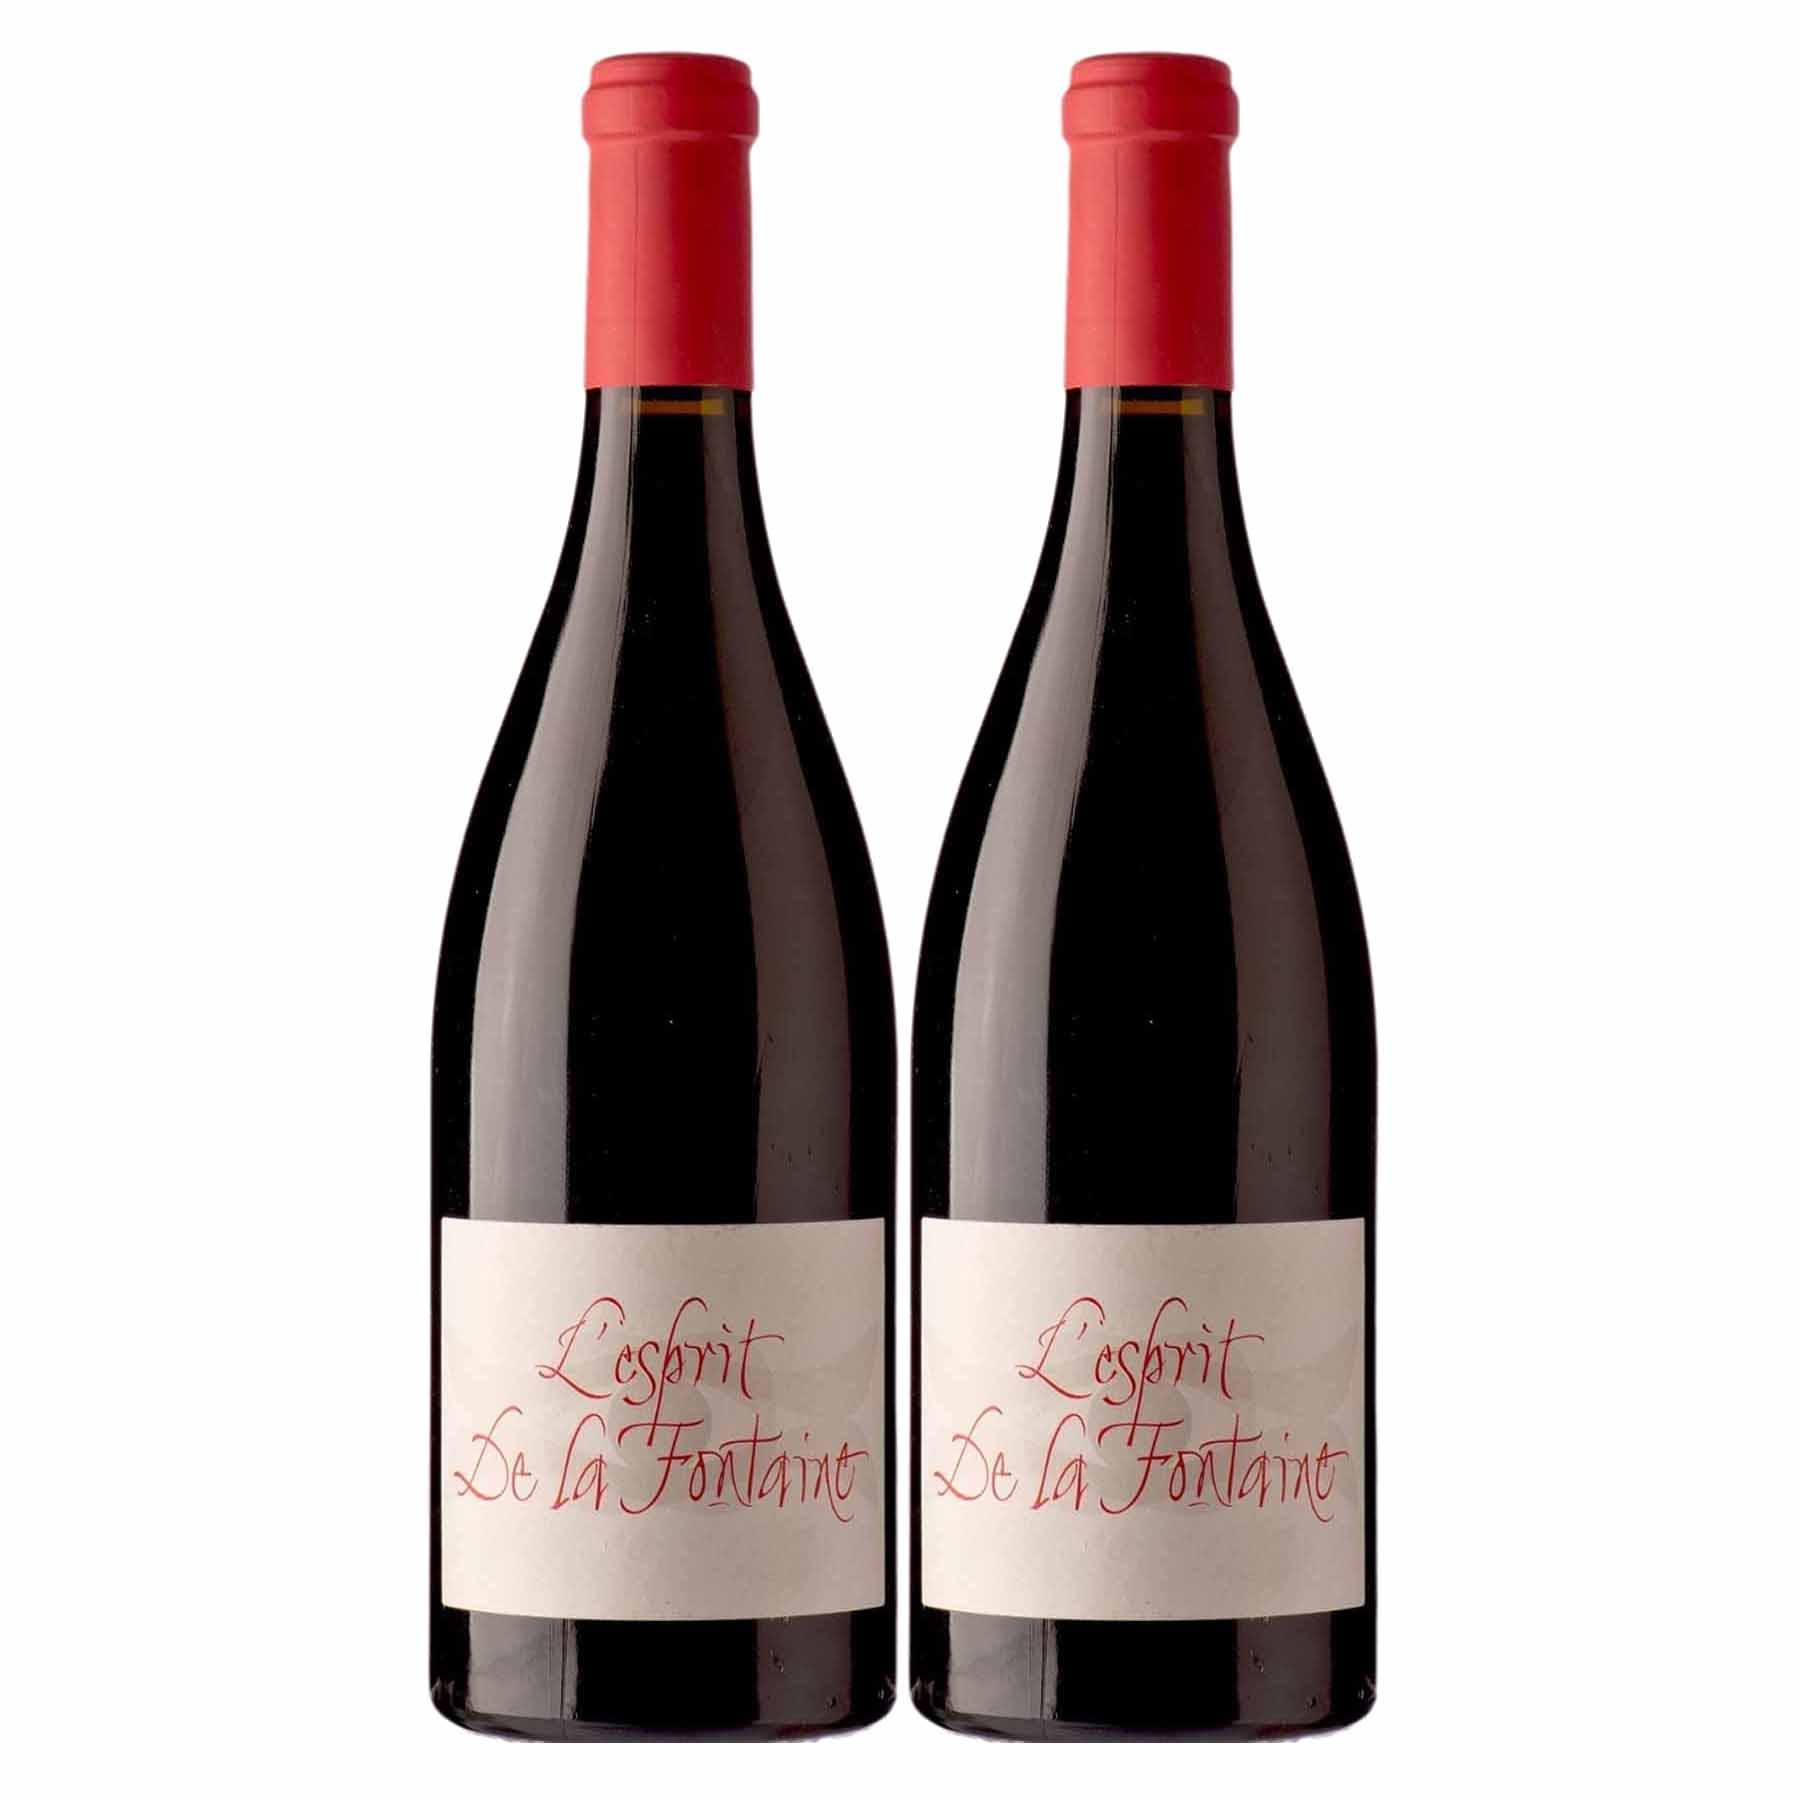 Kit 2x Vinho Tinto Francês L'Esprit de La Fontaine Languedoc 2016